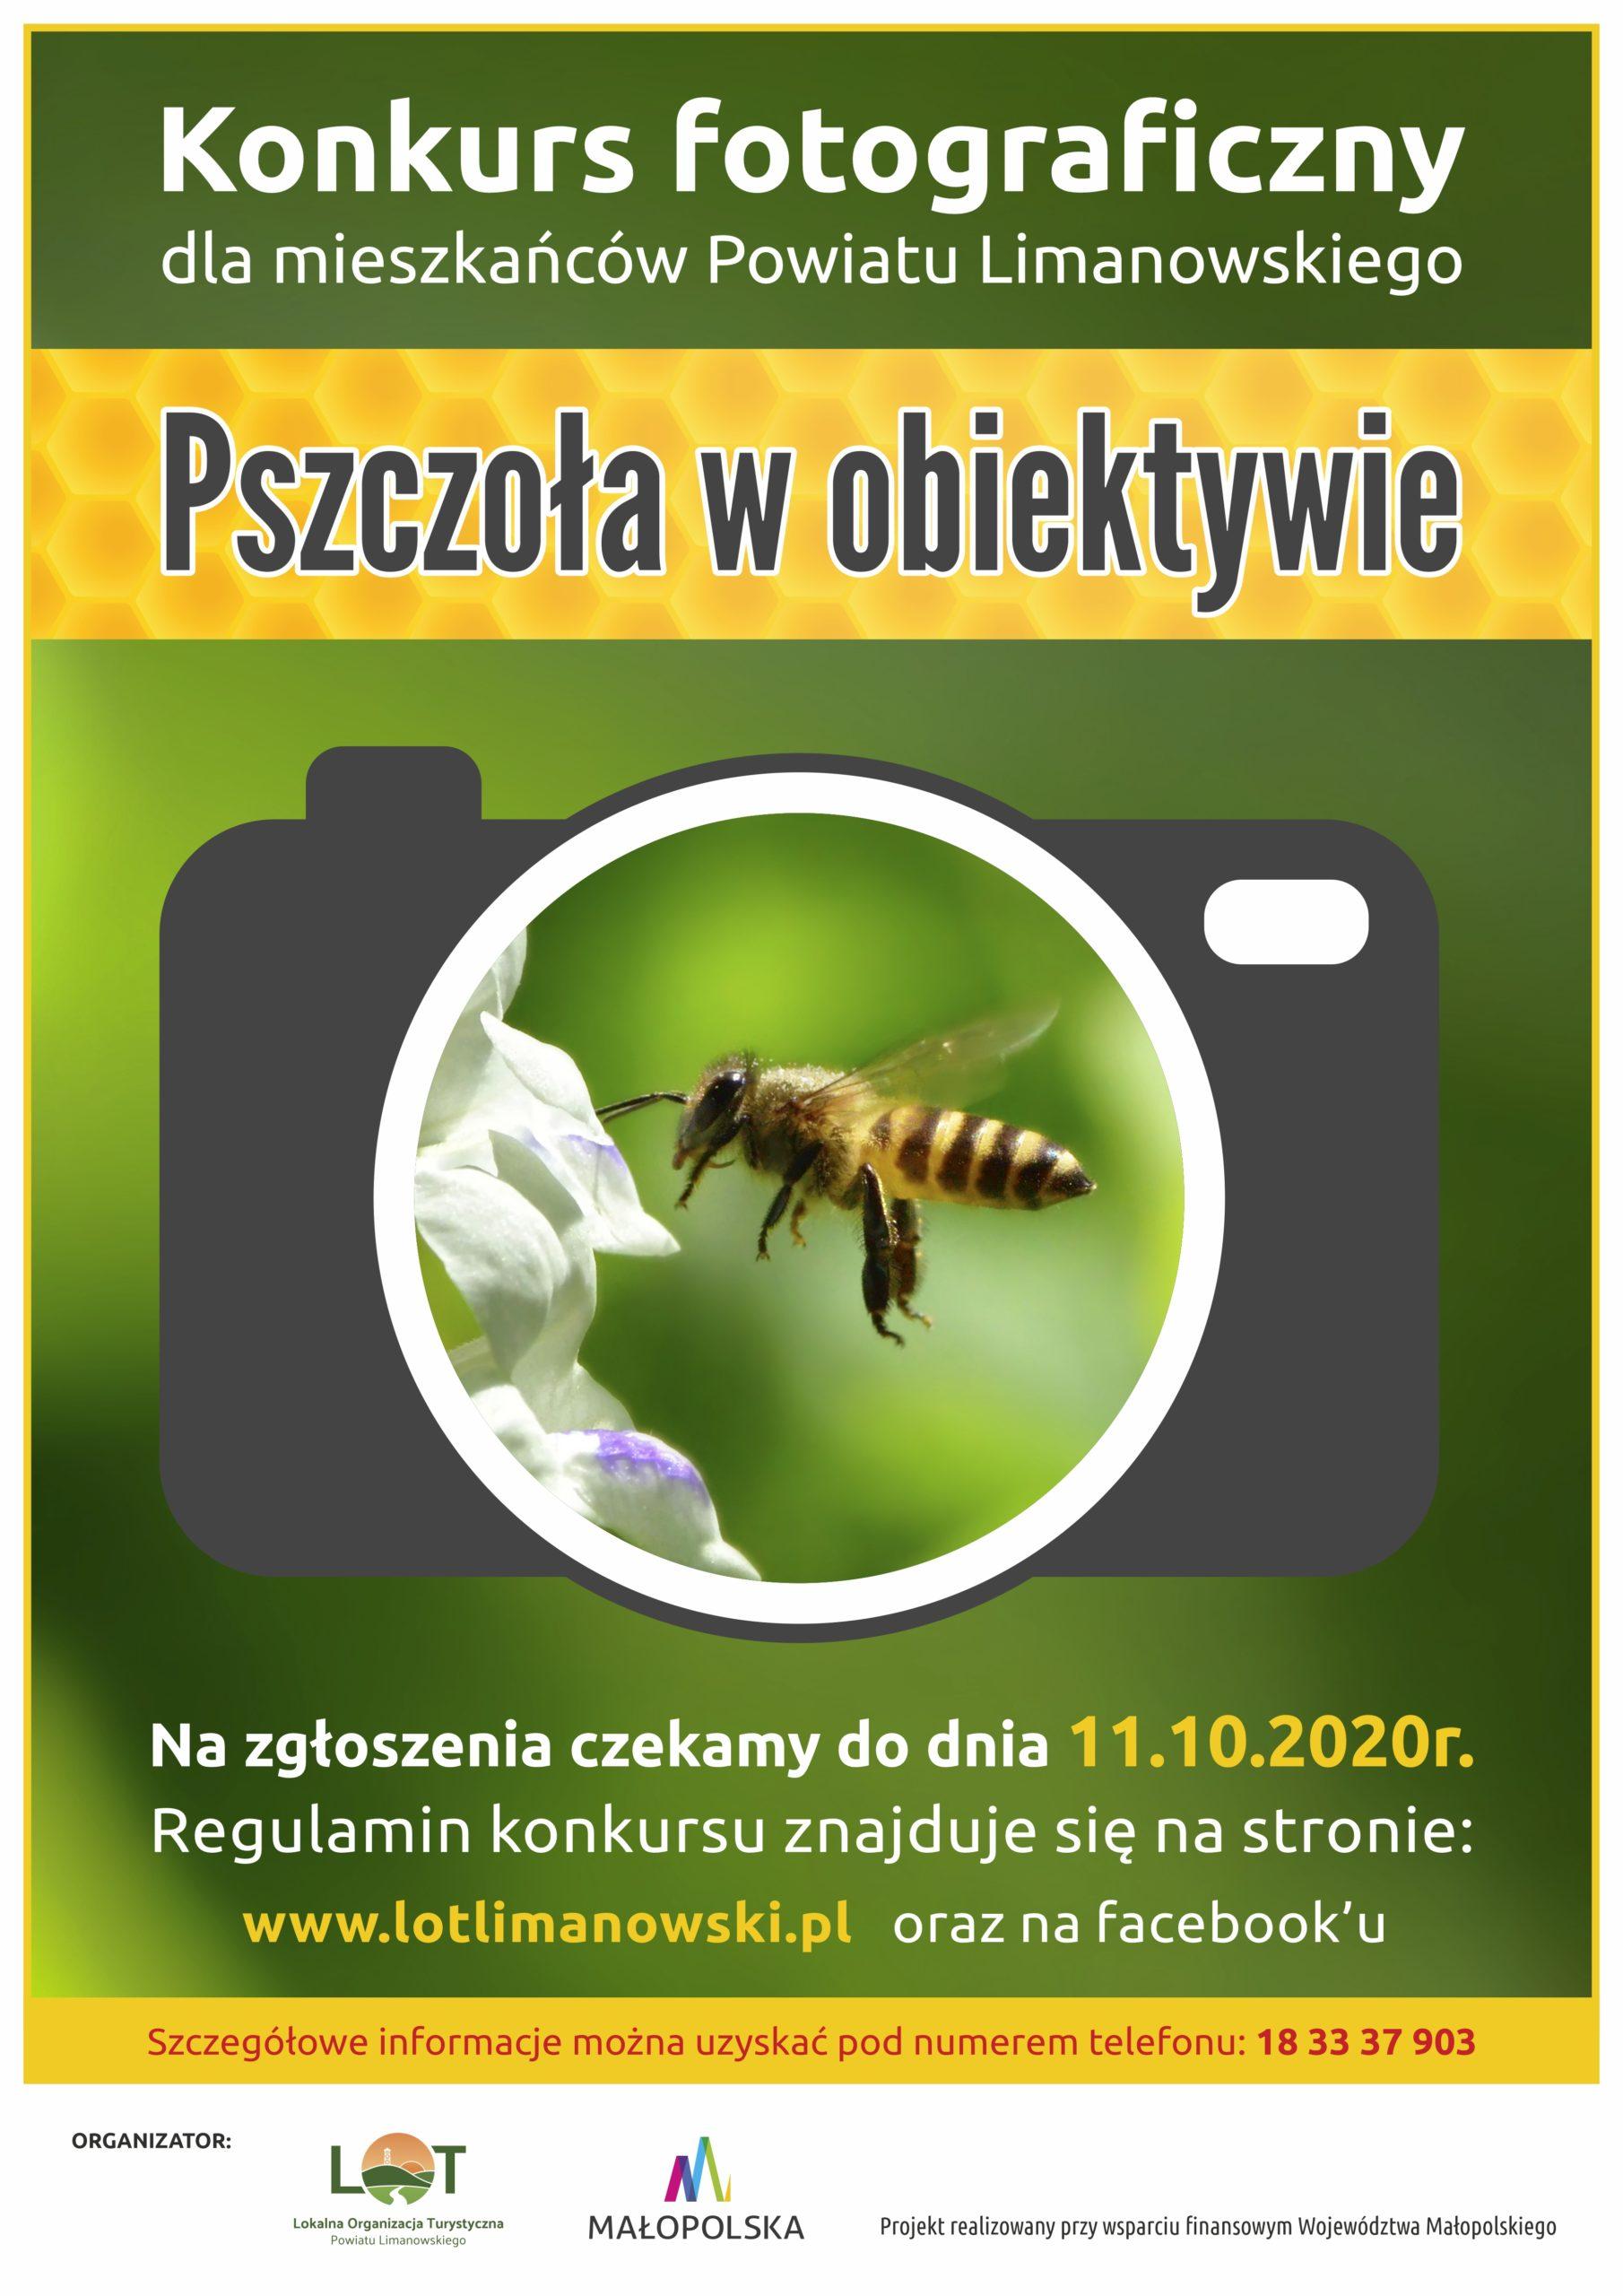 """Lokalna Organizacja Turystyczna Powiatu Limanowskiego zaprasza do udziału w Konkursie Fotograficznym """"Pszczoła w obiektywie"""""""